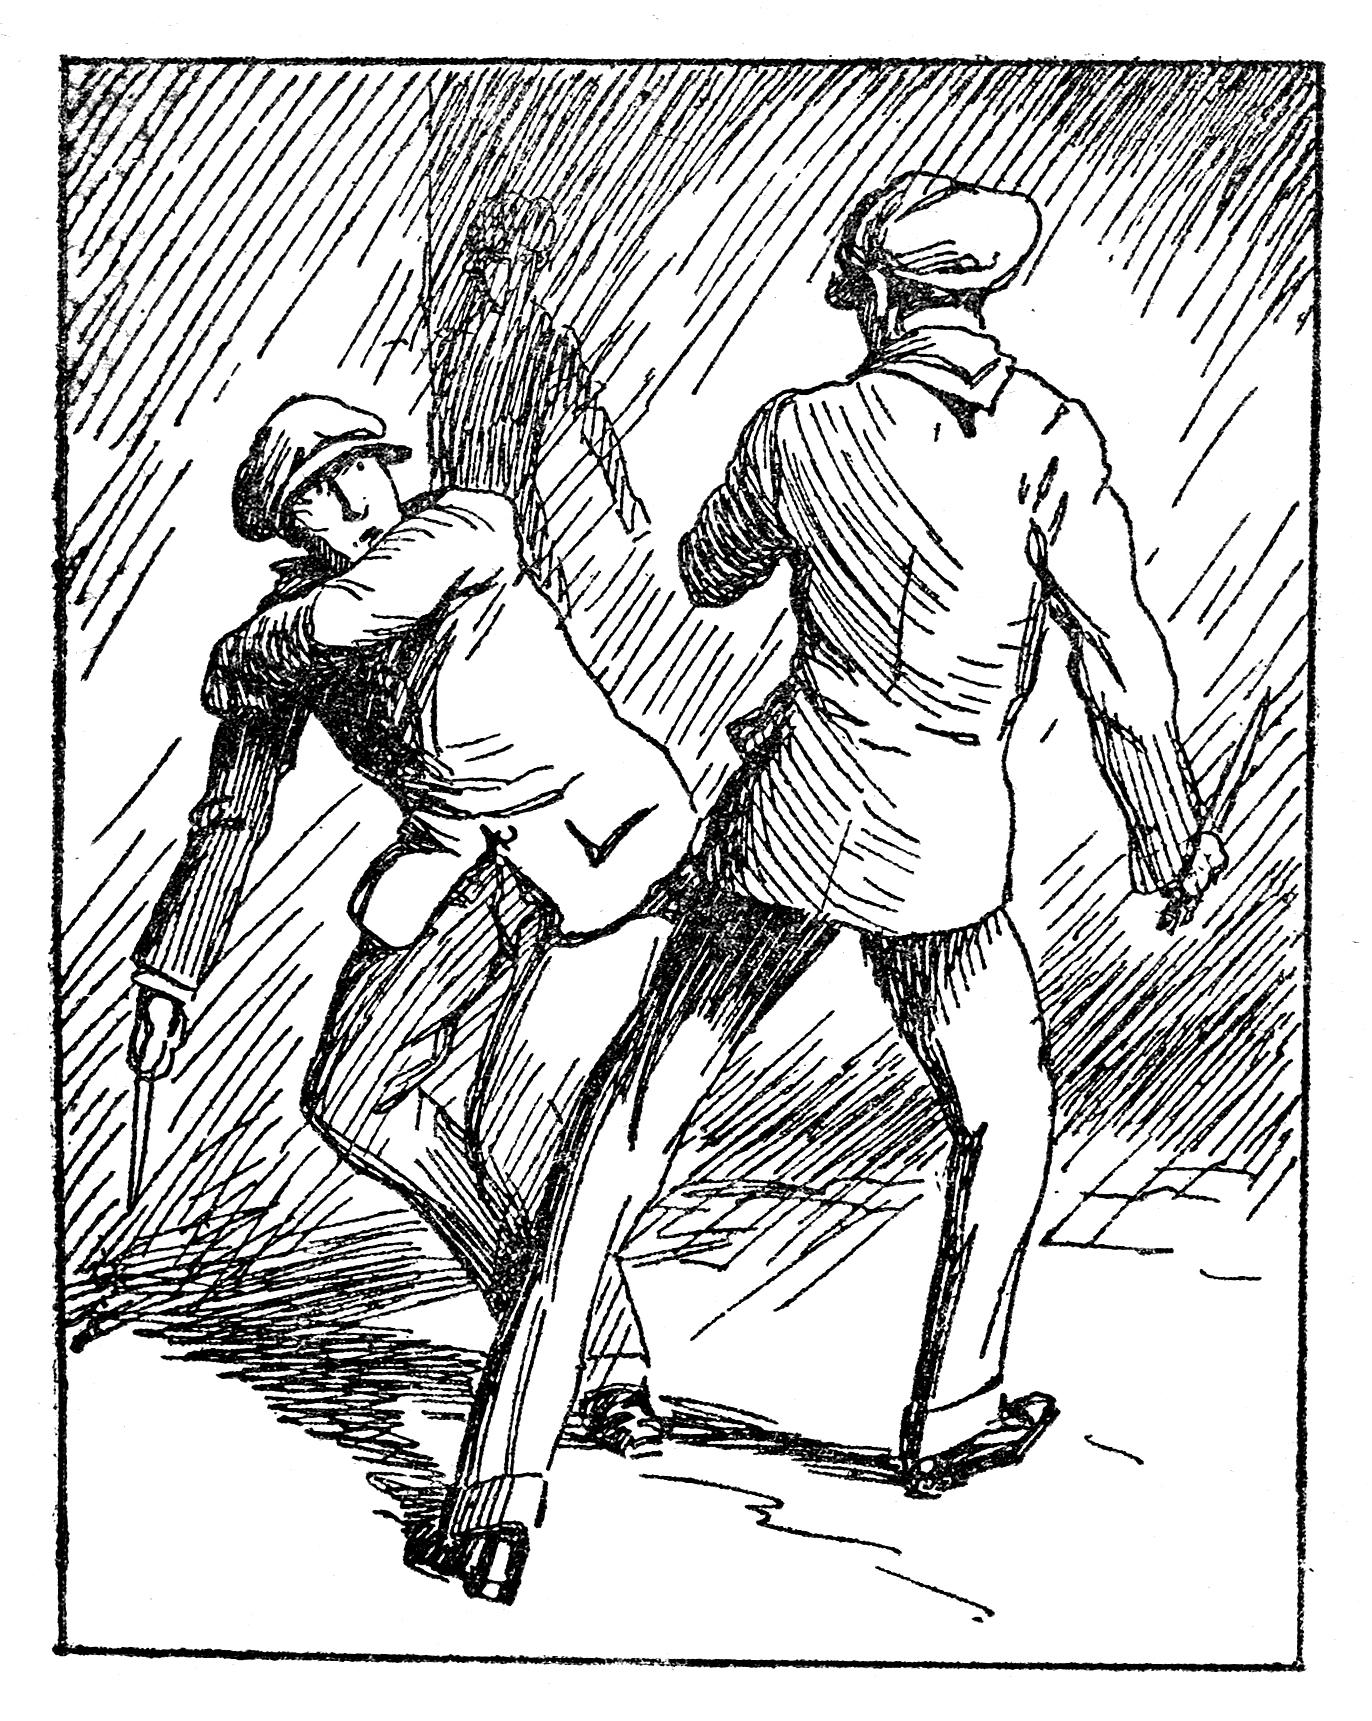 Ilustración de una pelea entre golfos a comienzos de siglo